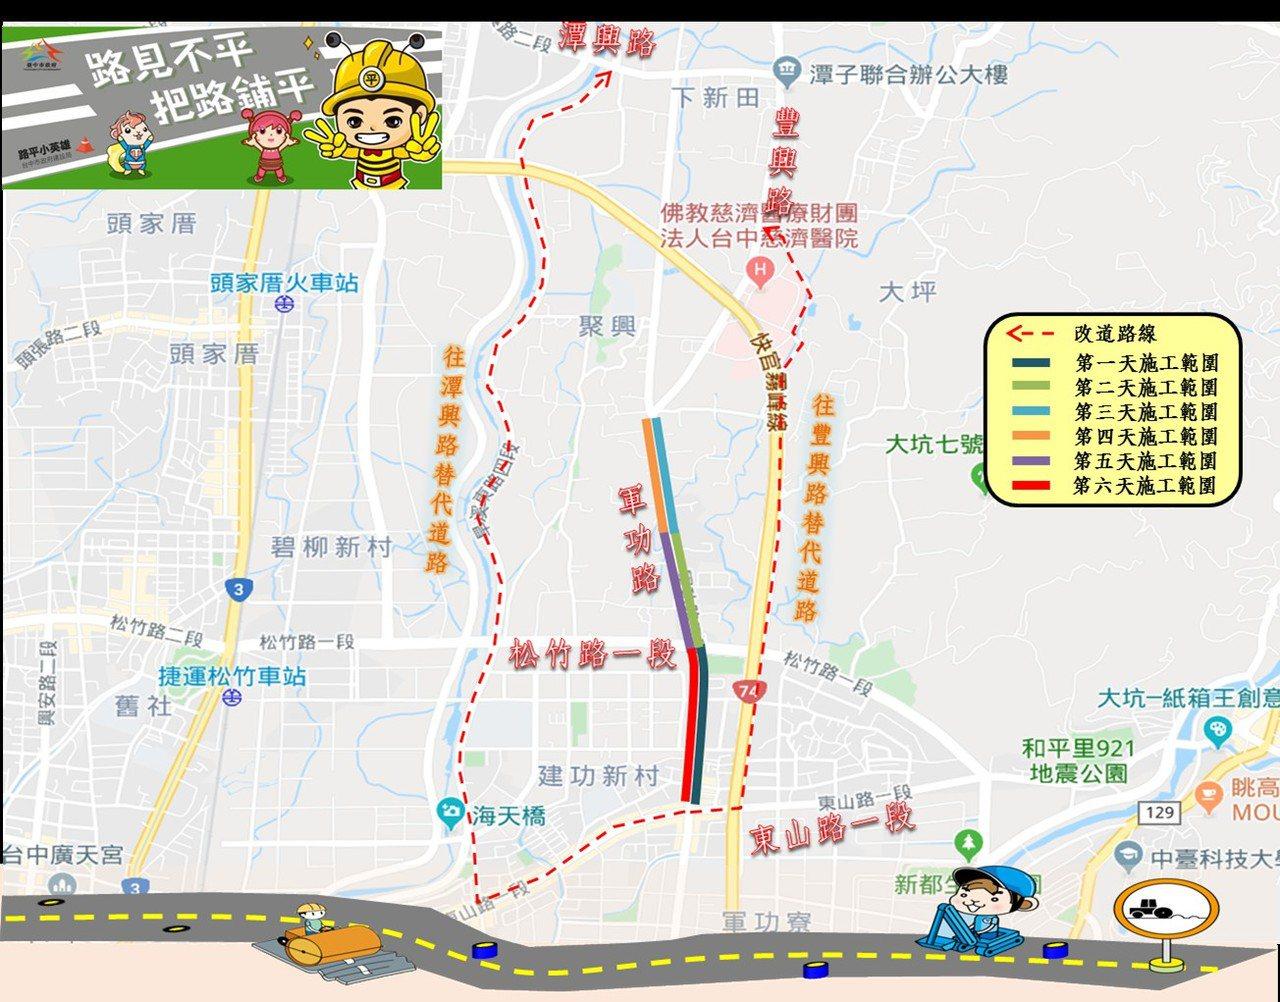 台中市建設局表示,11月20日至25日晚間7點至隔日上午7時,進行北屯區軍功路二...